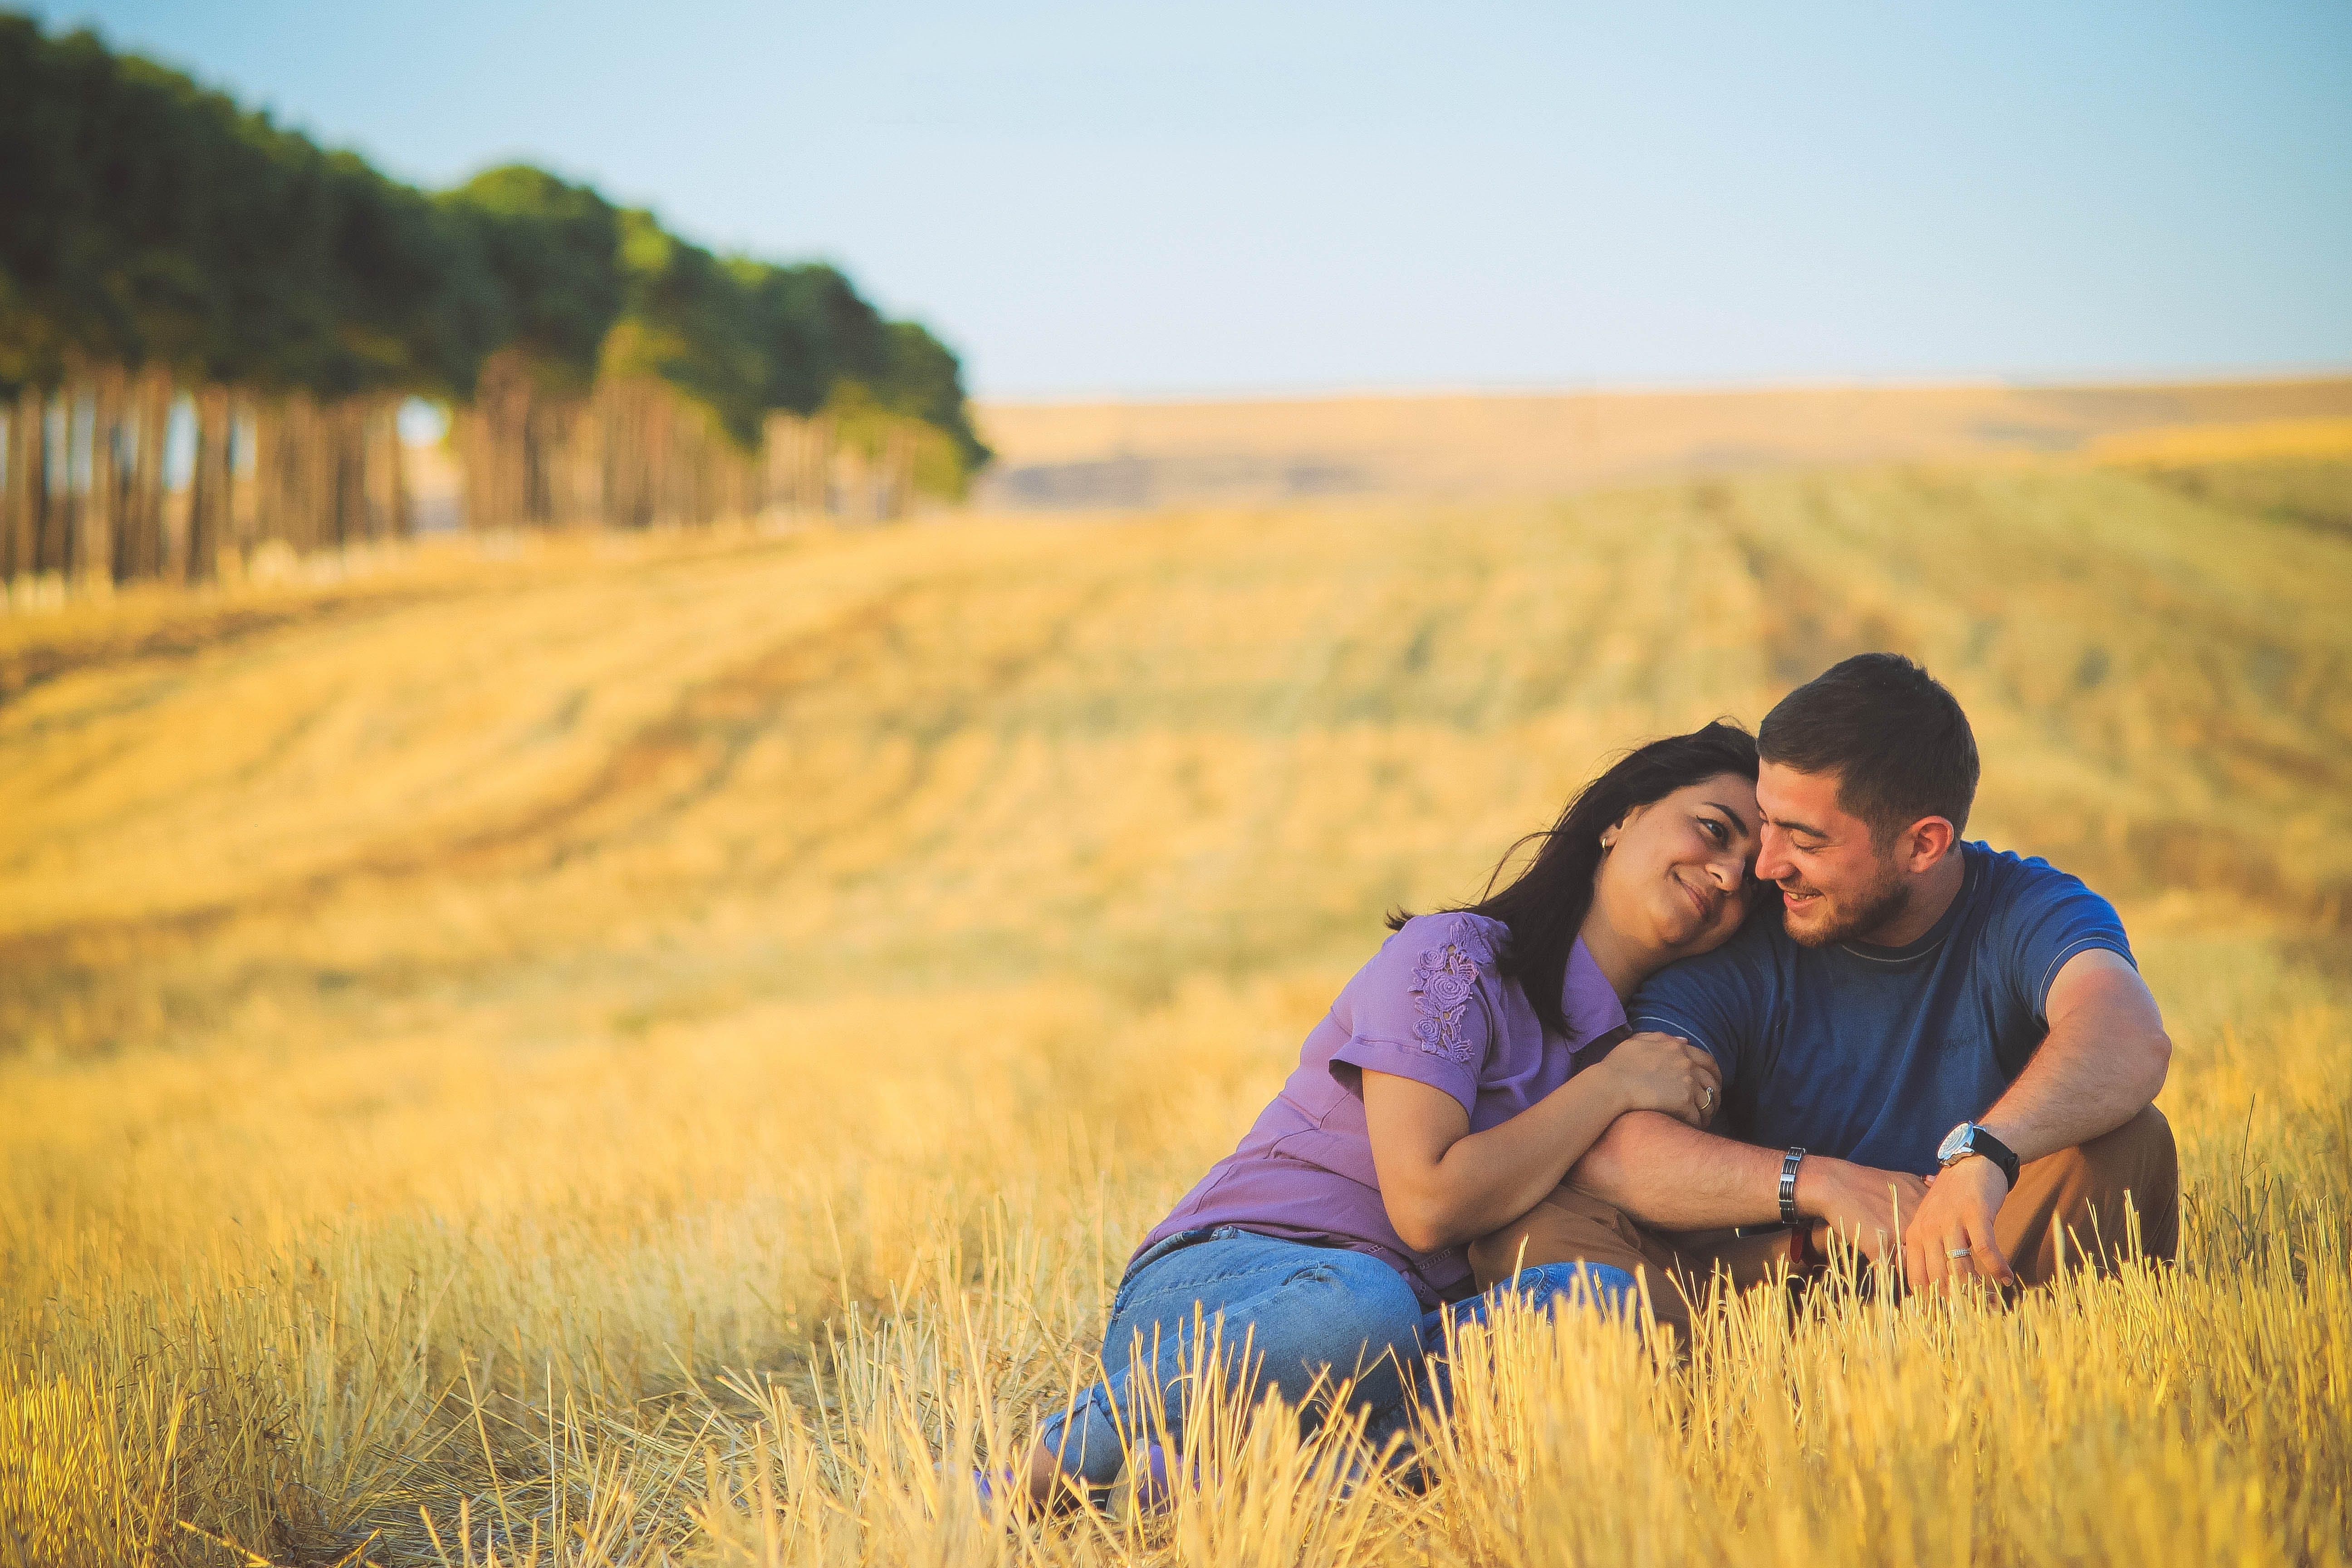 Ảnh lưu trữ miễn phí về cánh đồng, cặp vợ chồng, cặp đôi đáng yêu, dễ thương